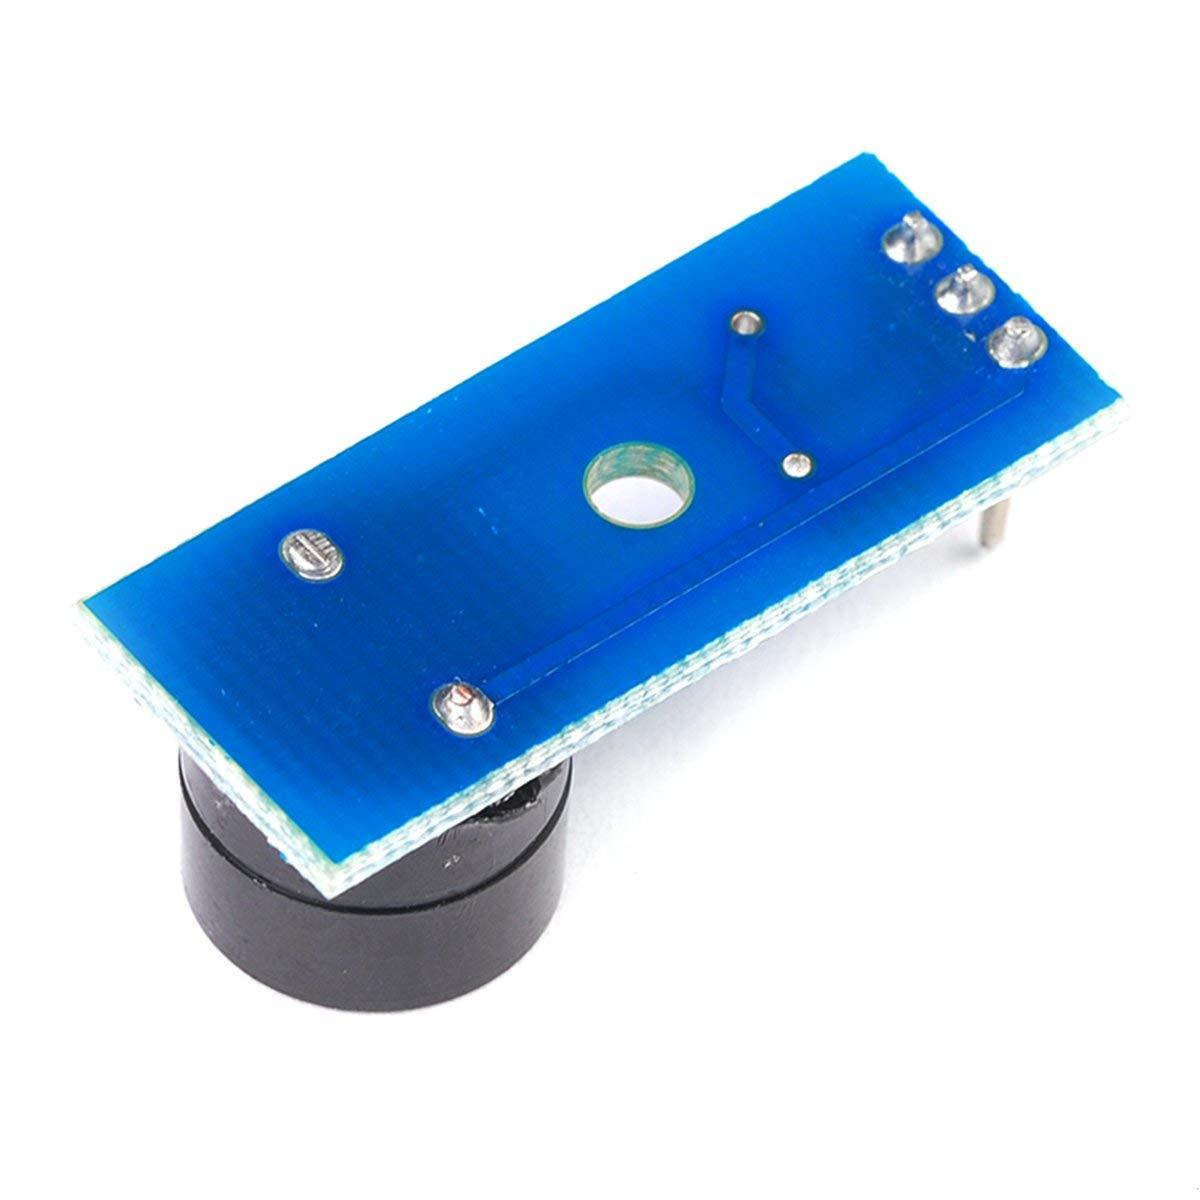 Gugutogo Nuevo M/ódulo de zumbador Digital pasivo de 5V Se/ñal de Sonido Salida de Alarma Nivel bajo F/ácil instalaci/ón Fuente Interna de oscilaci/ón